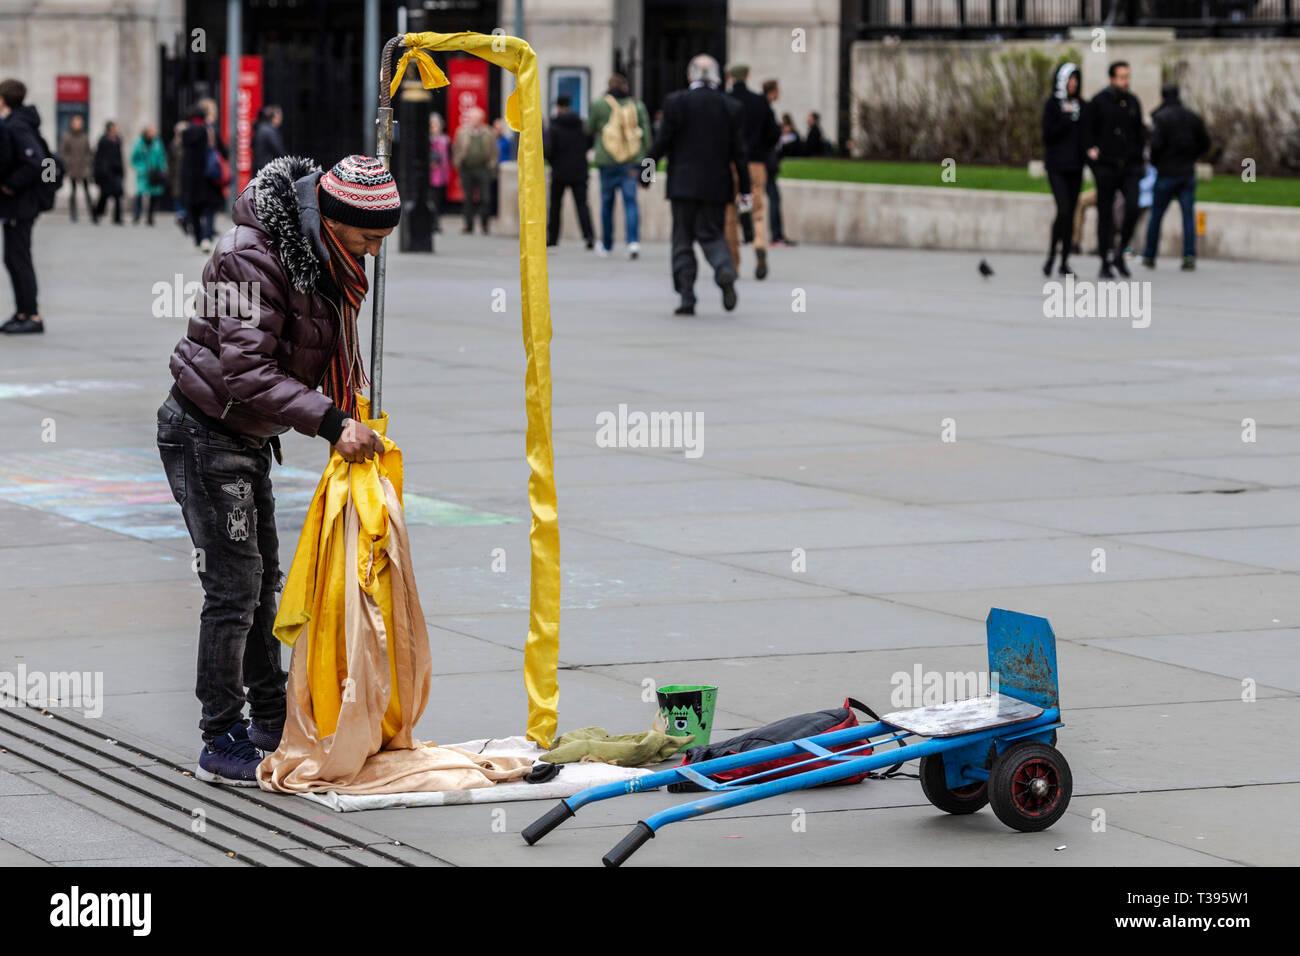 Artiste de rue, Trafalgar Square, Londres, Samedi, Mars 23, 2019.Photo: David Rowland / One-Image.com Photo Stock